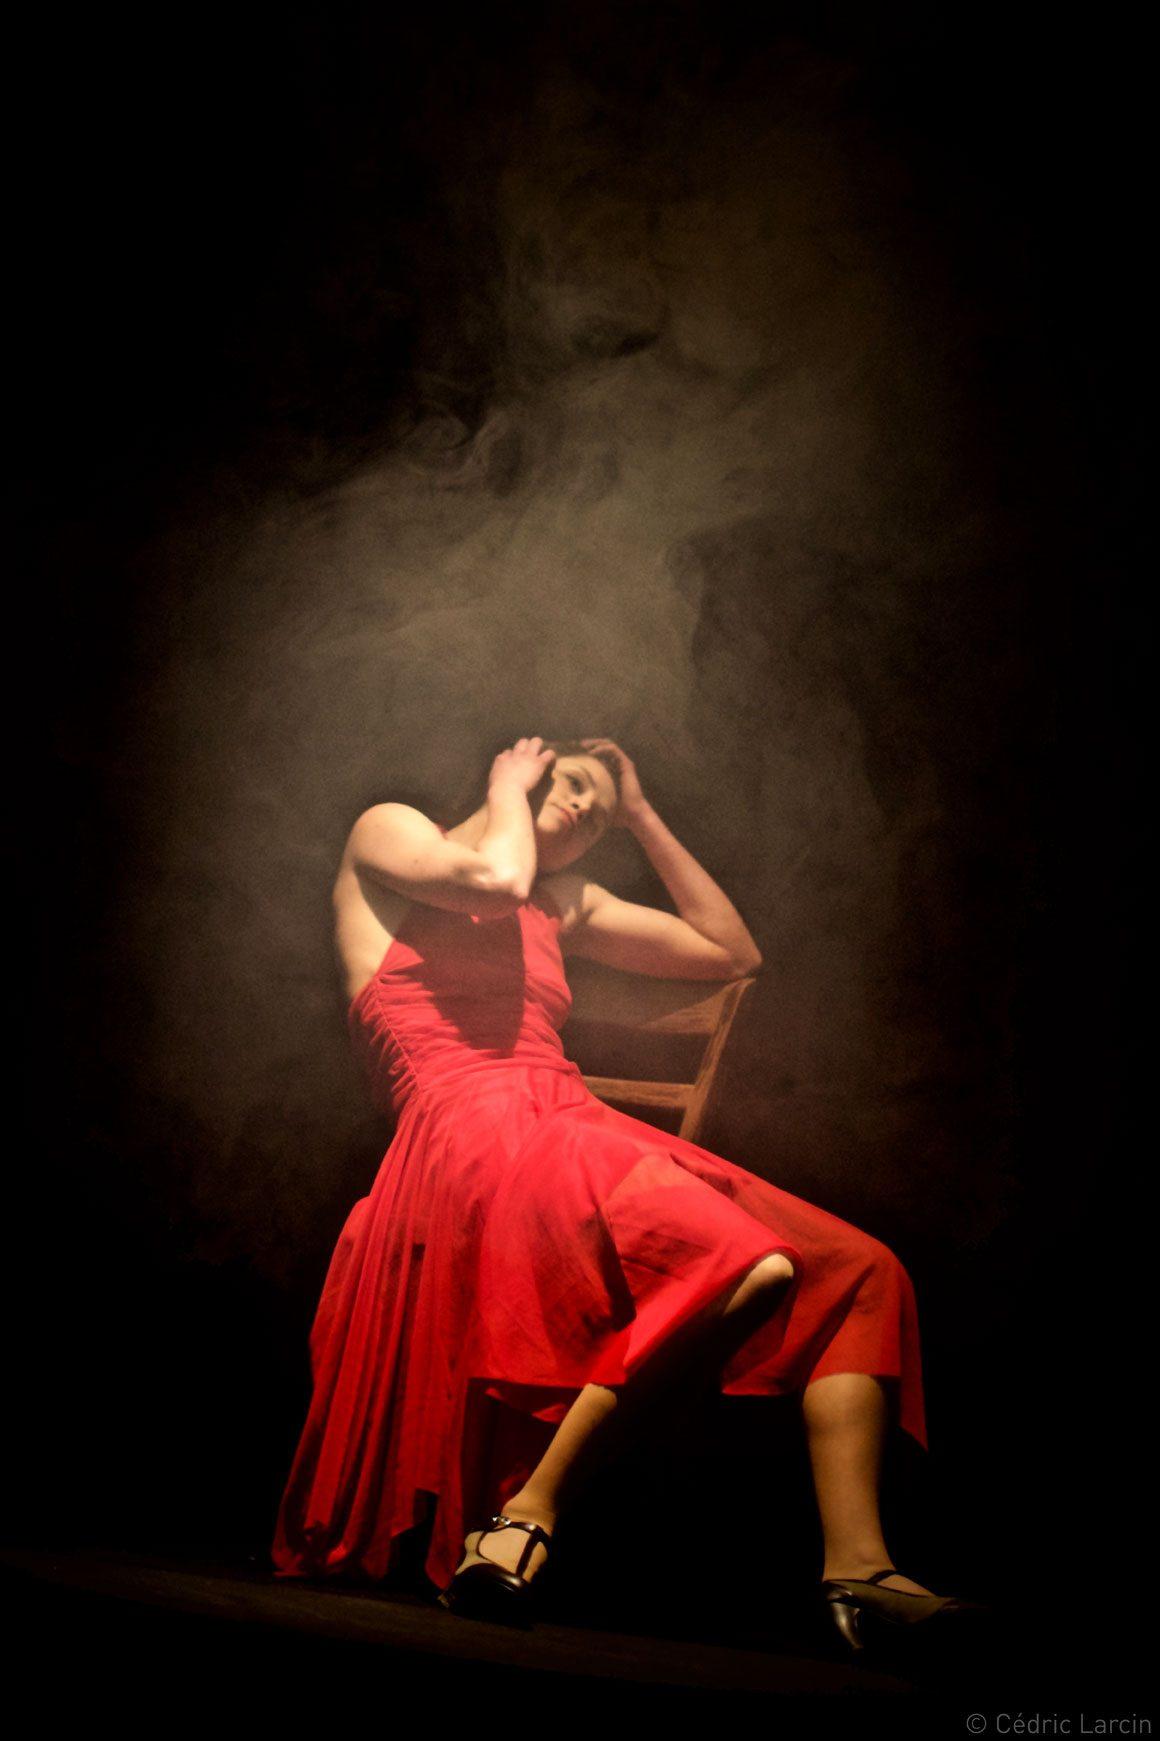 Femme en robe rouge sur chaise